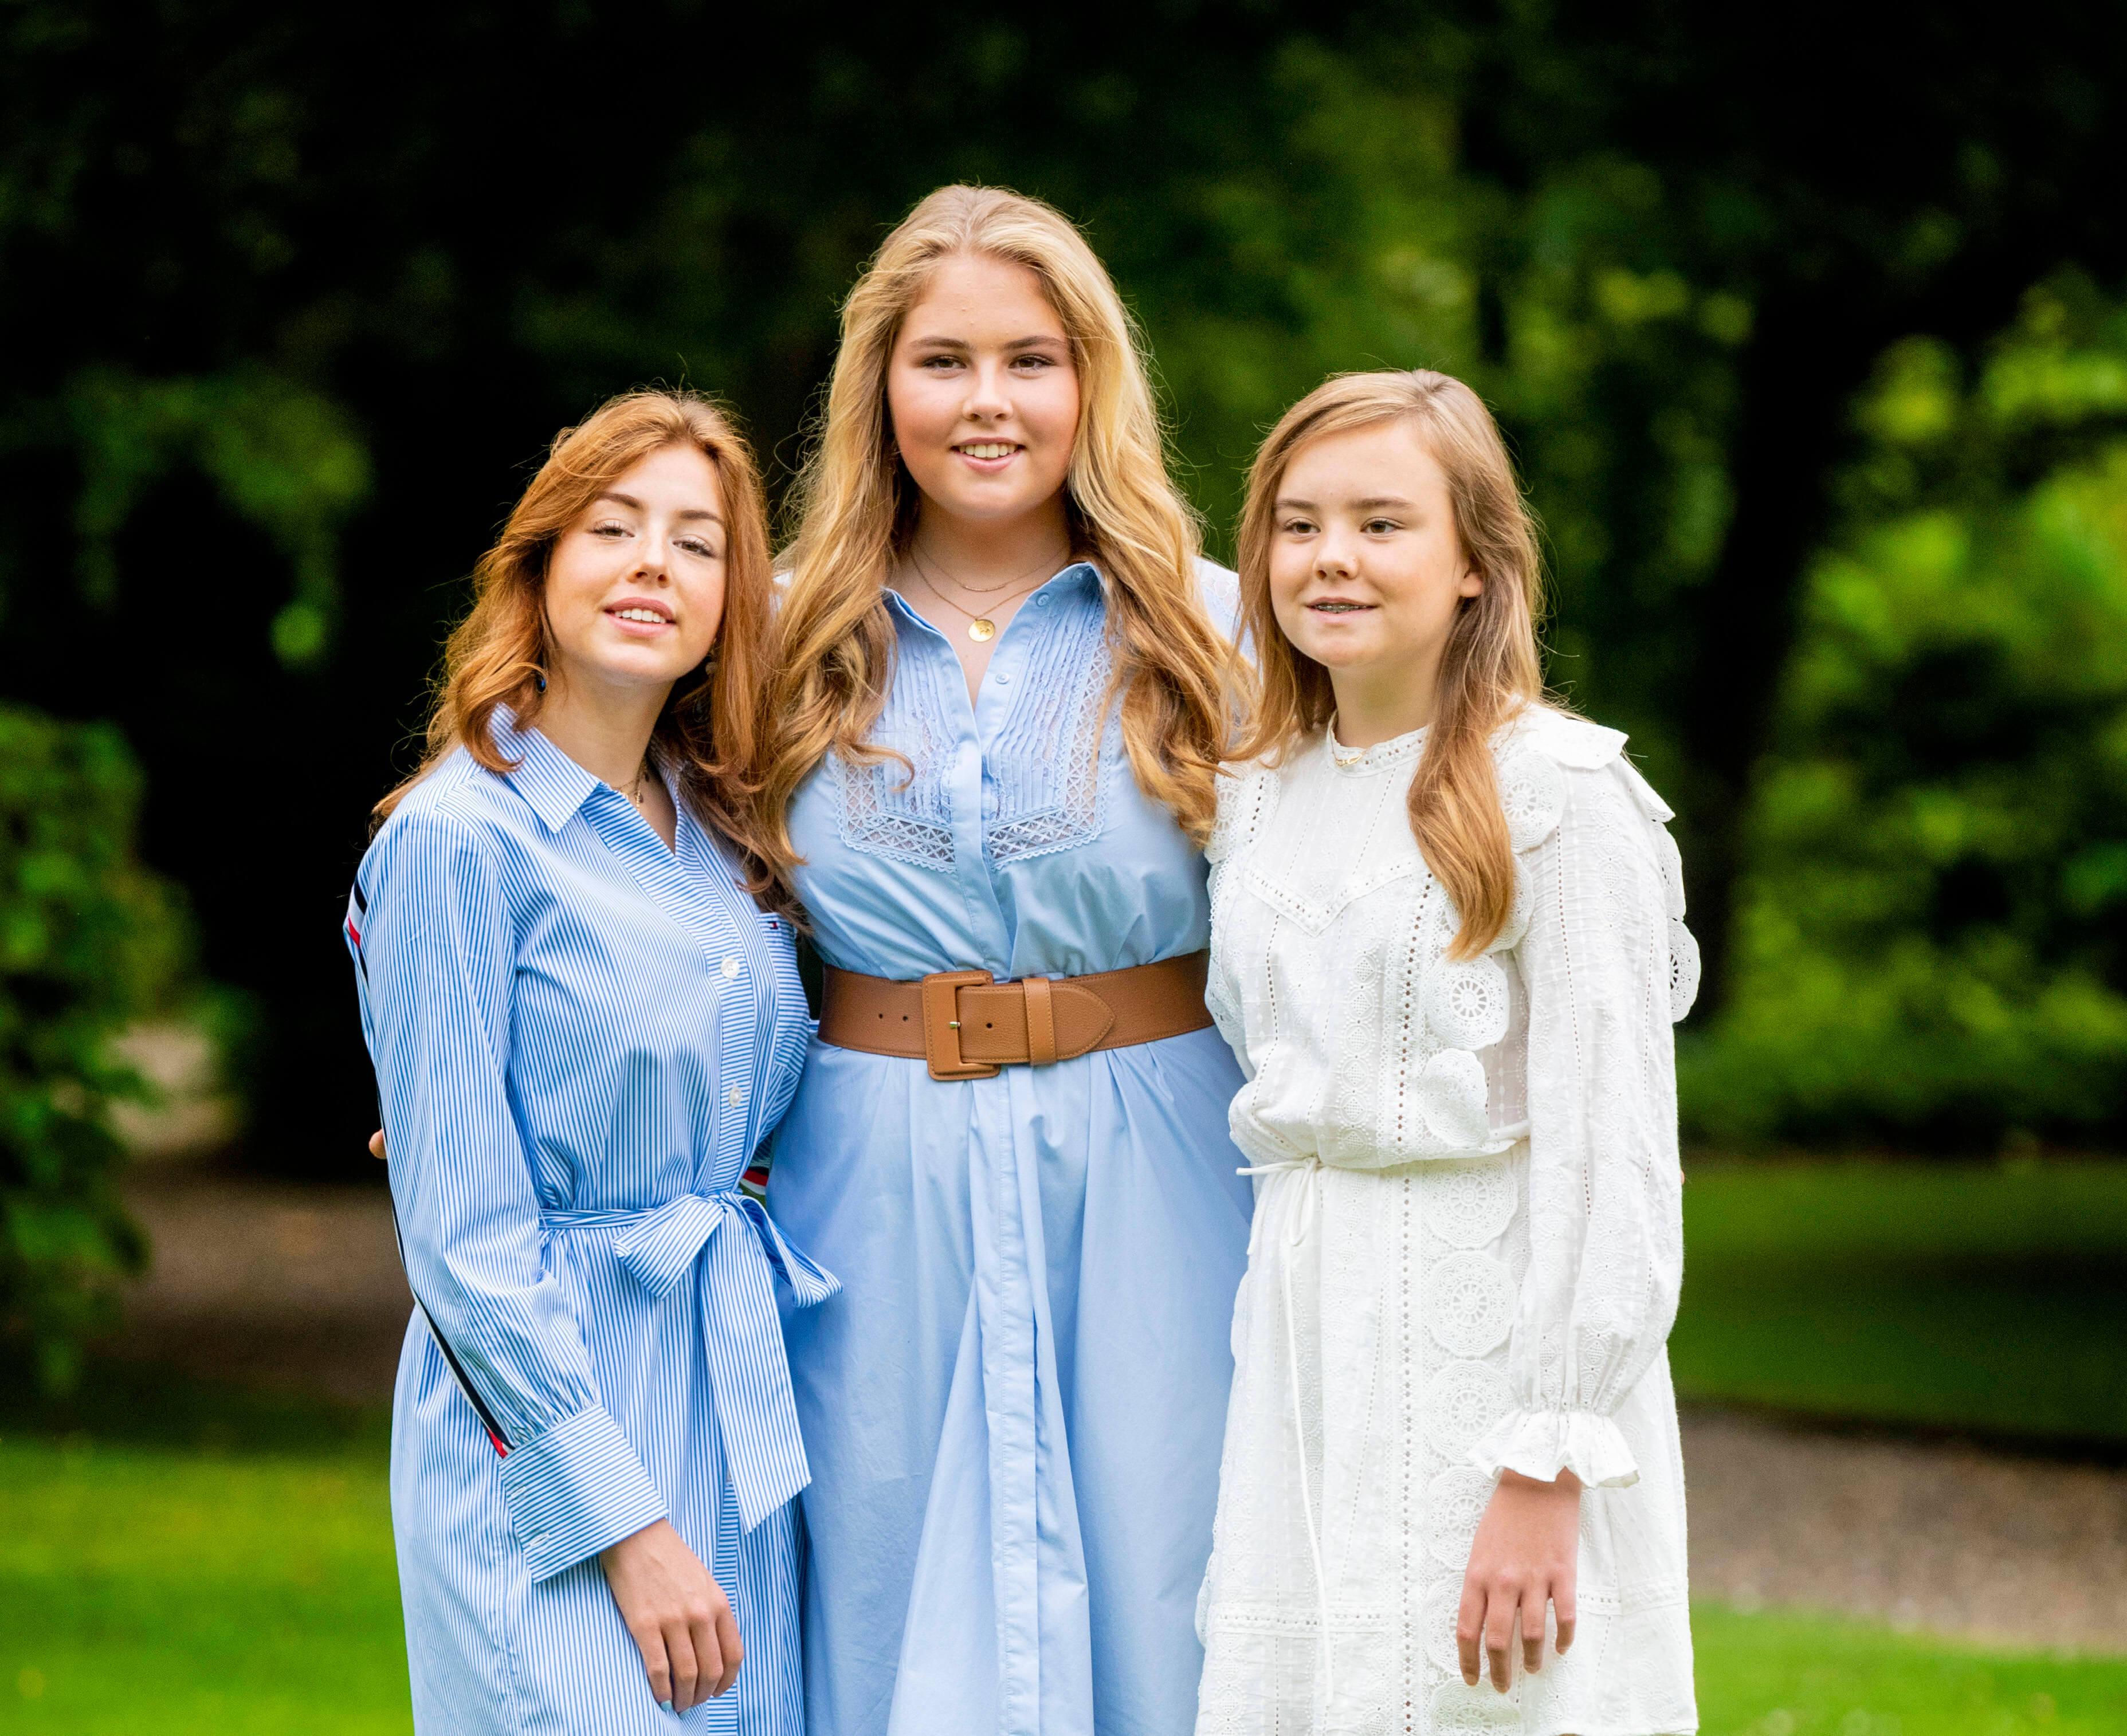 Prinzessin Amalia und ihre Schwestern: Werden sie auch Internet-Stars?